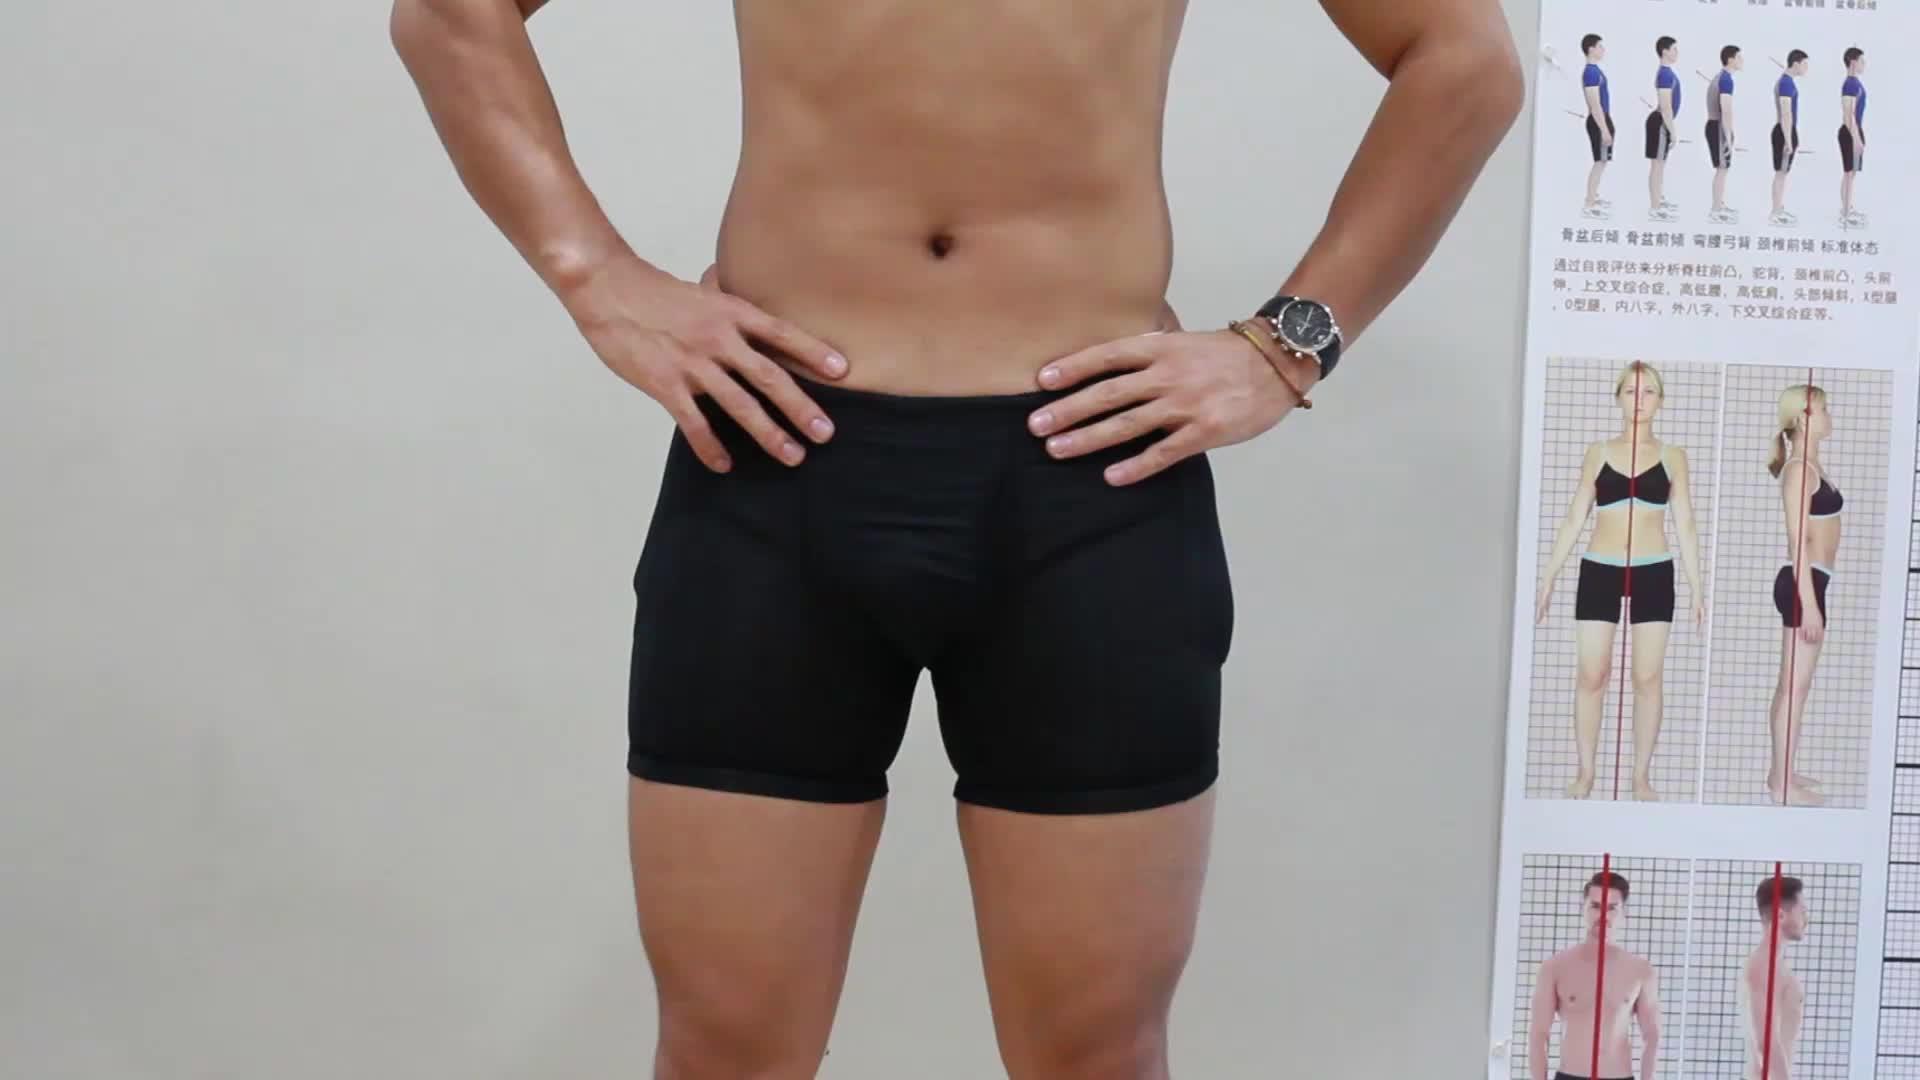 ขายร้อนไนล่อนชายชุดชั้นในเซ็กซี่ผู้ชายนักมวยและชุดชั้นในที่มี4แผ่น